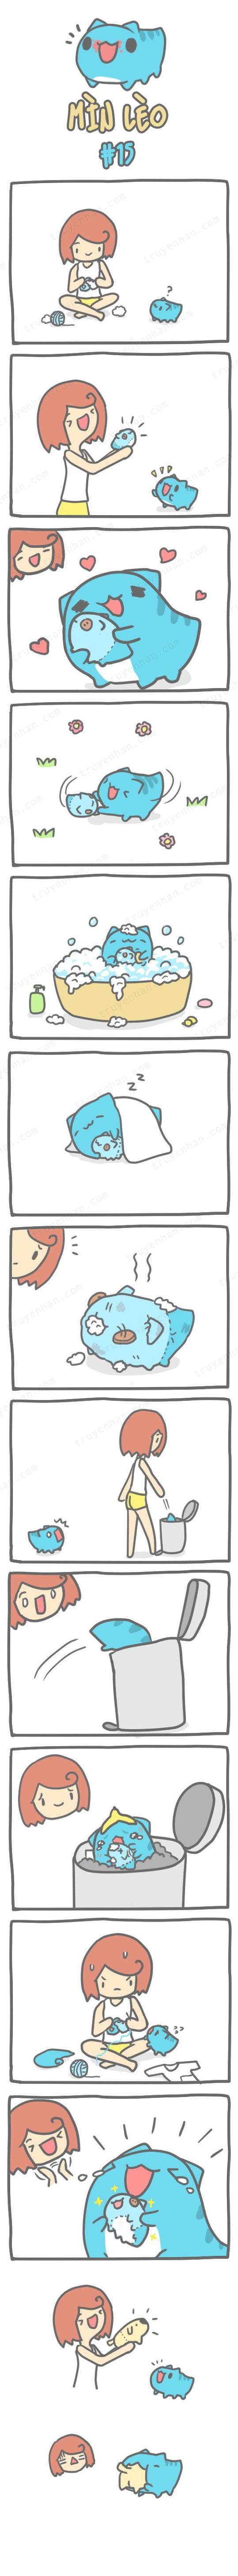 Truyện Mìn Lèo #15